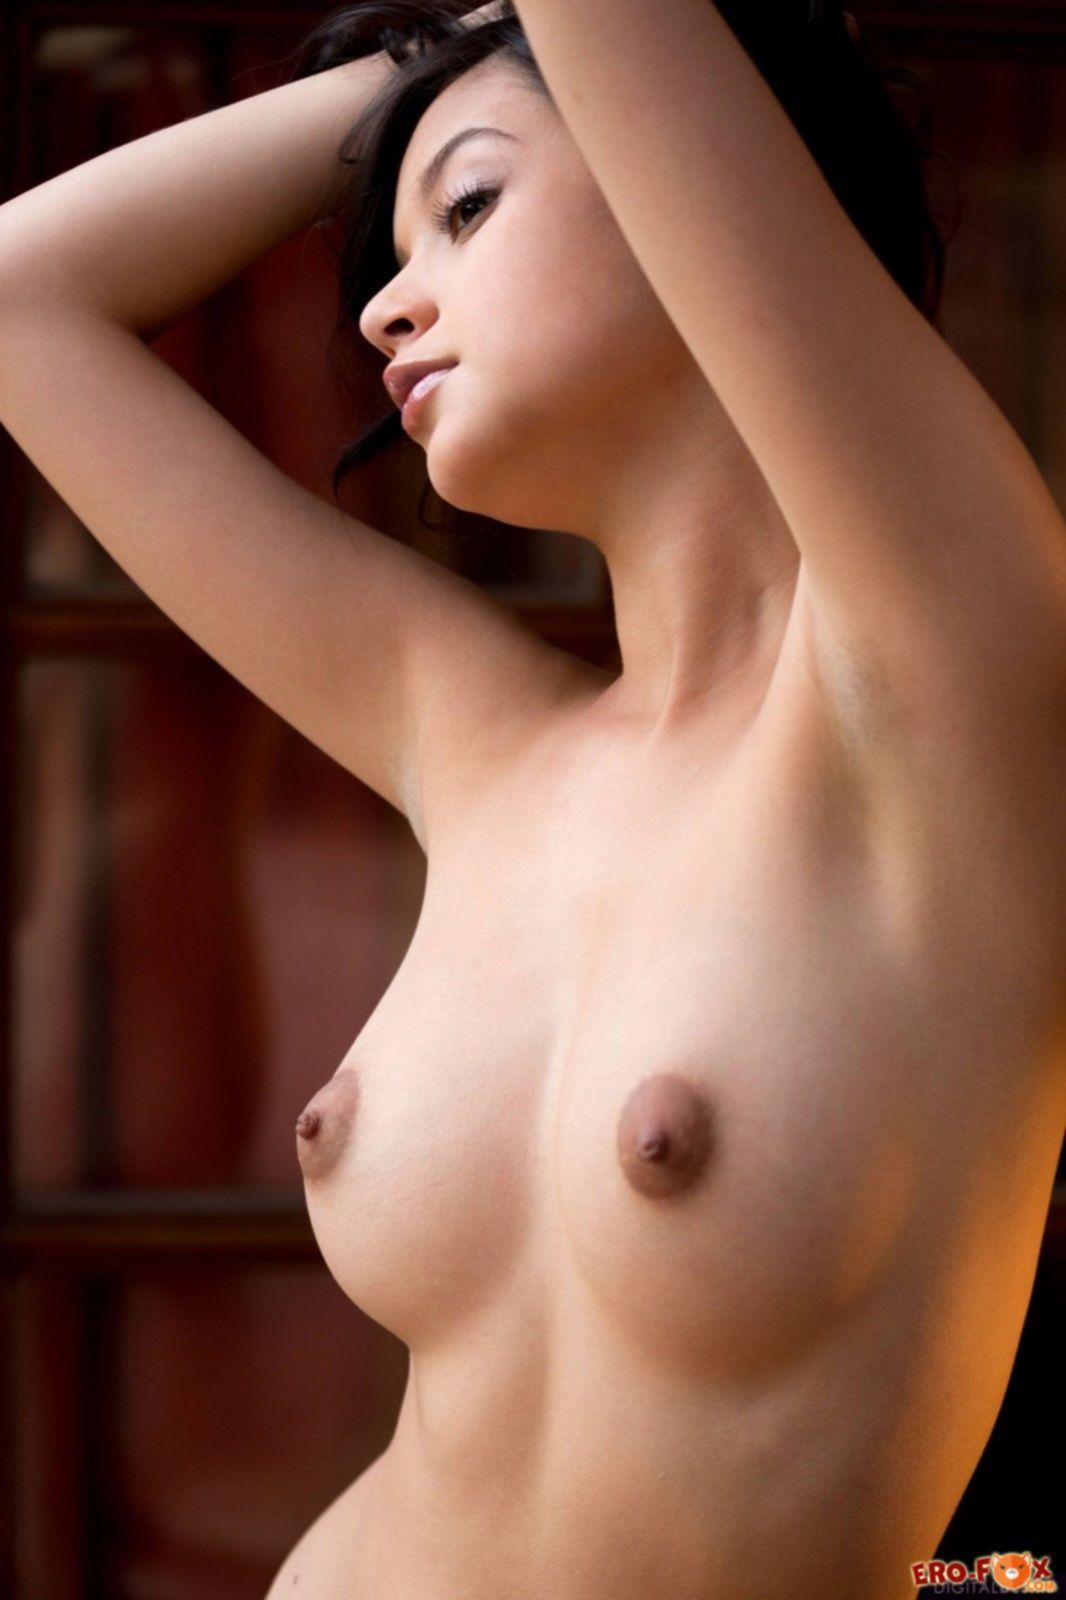 Сочная брюнетка с пышными формами голая - фото